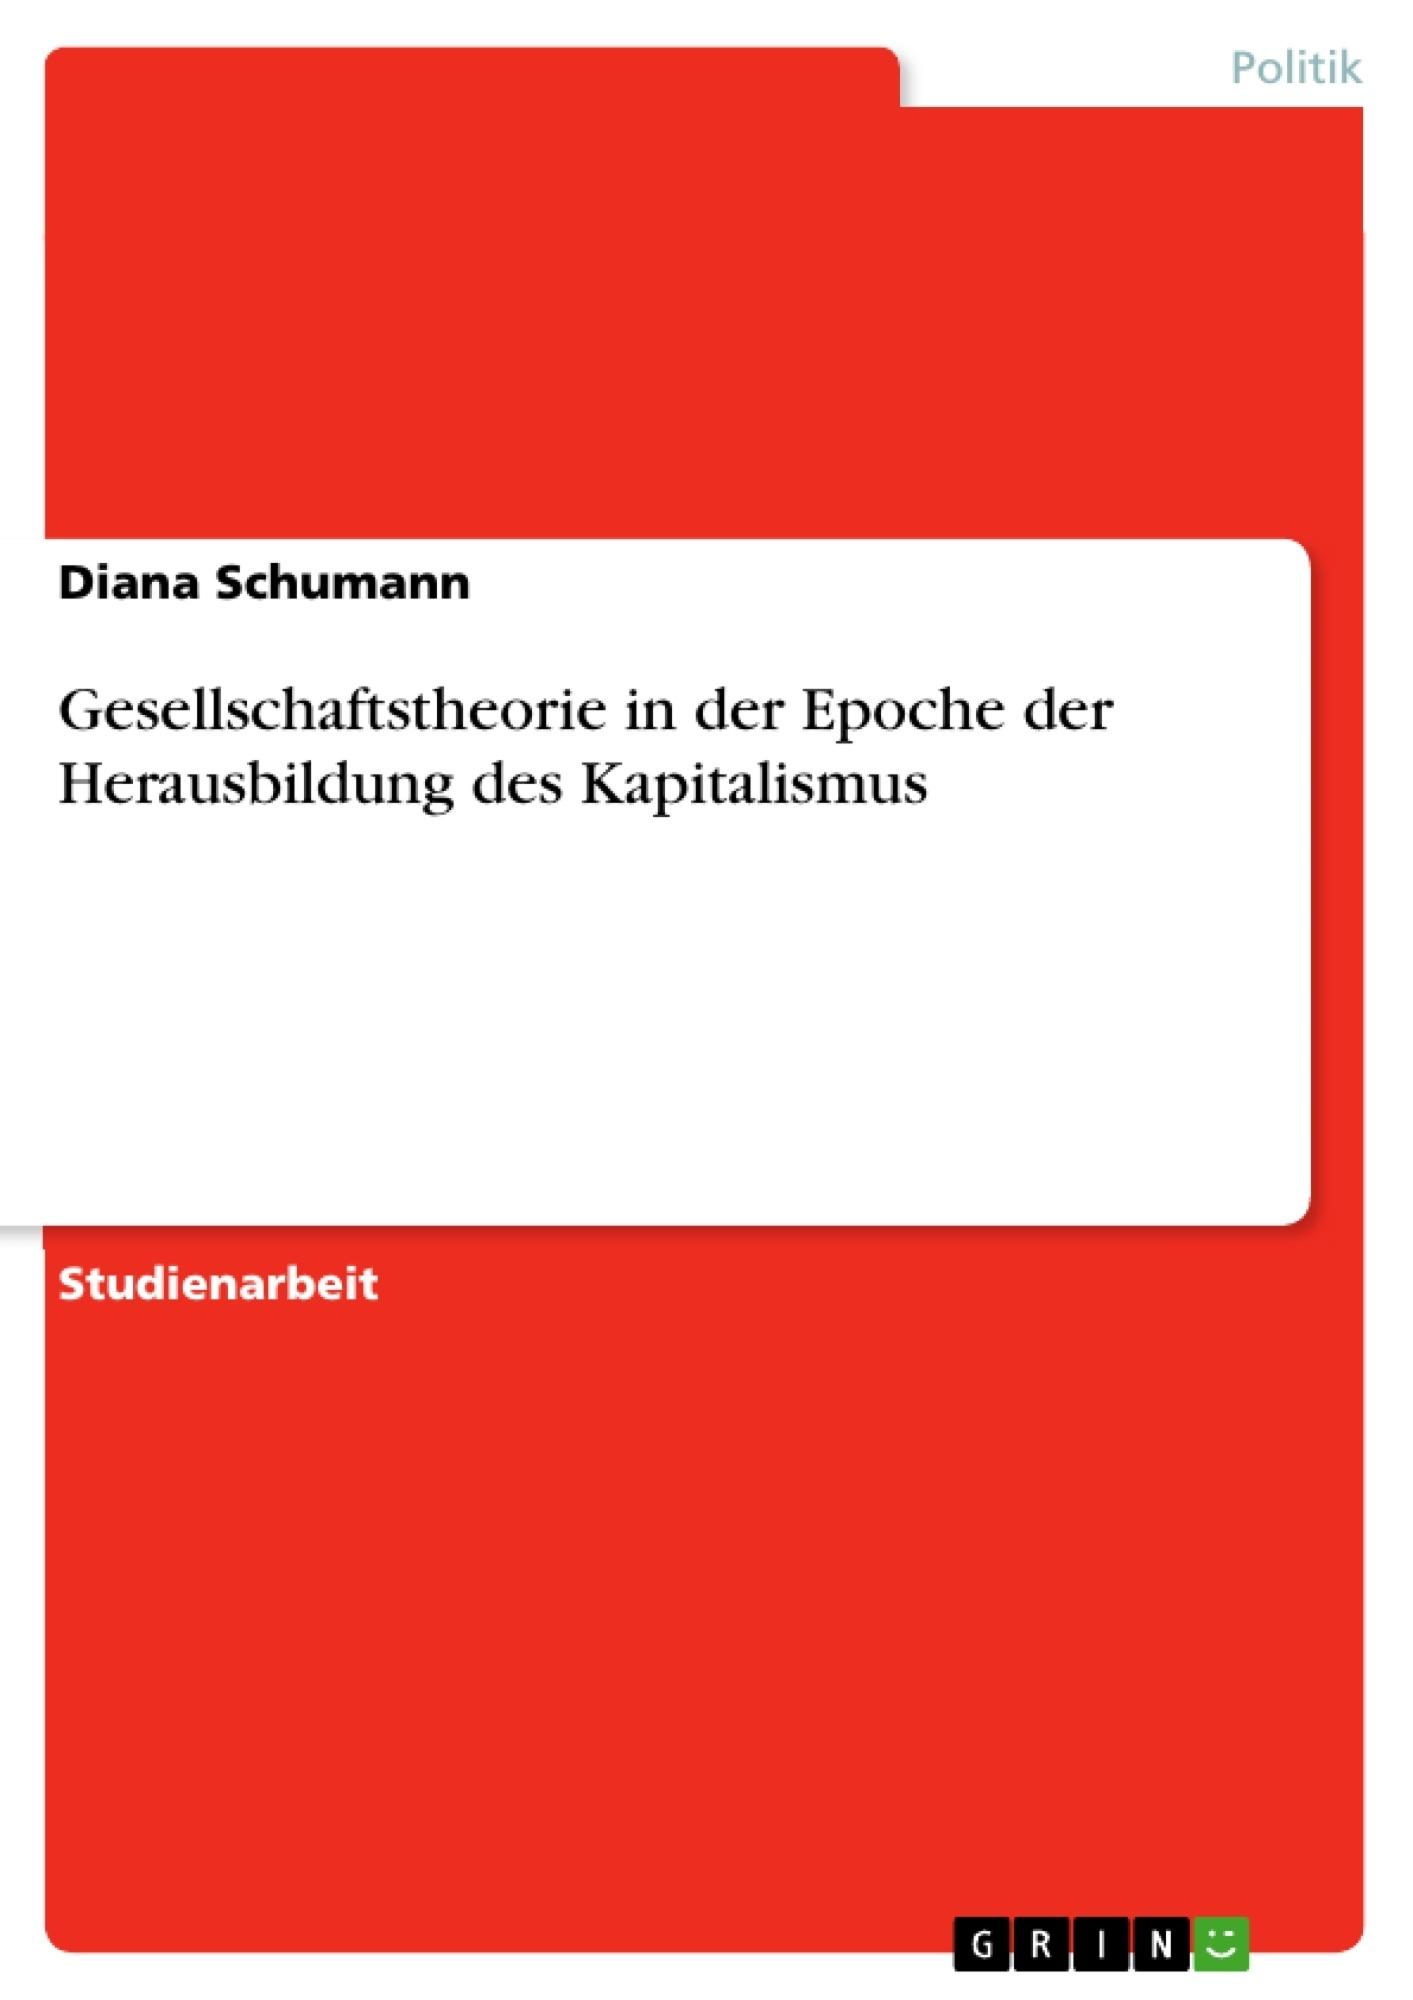 Titel: Gesellschaftstheorie in der Epoche der Herausbildung des Kapitalismus